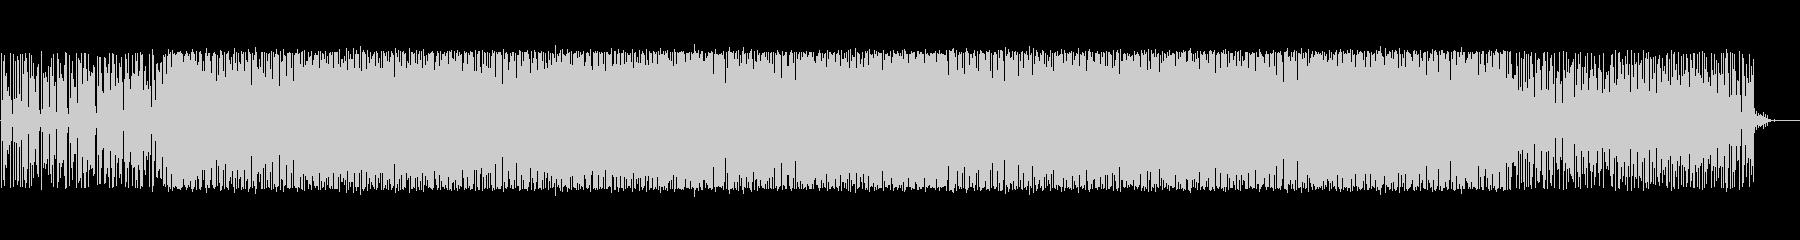 パズルゲーム風エレクトロニカの未再生の波形